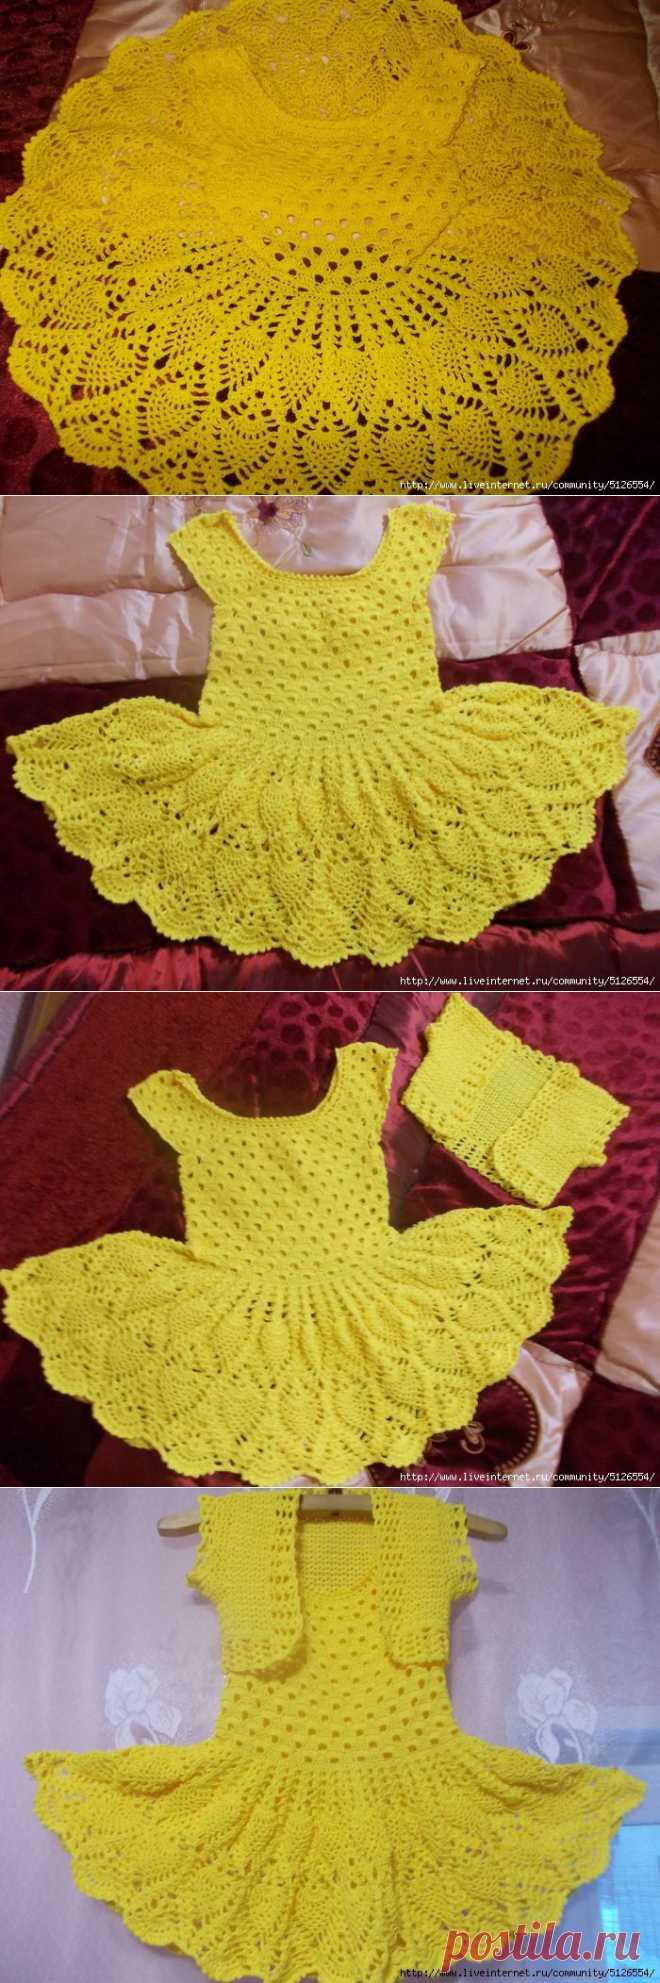 Желтое платье и болеро для девочки..